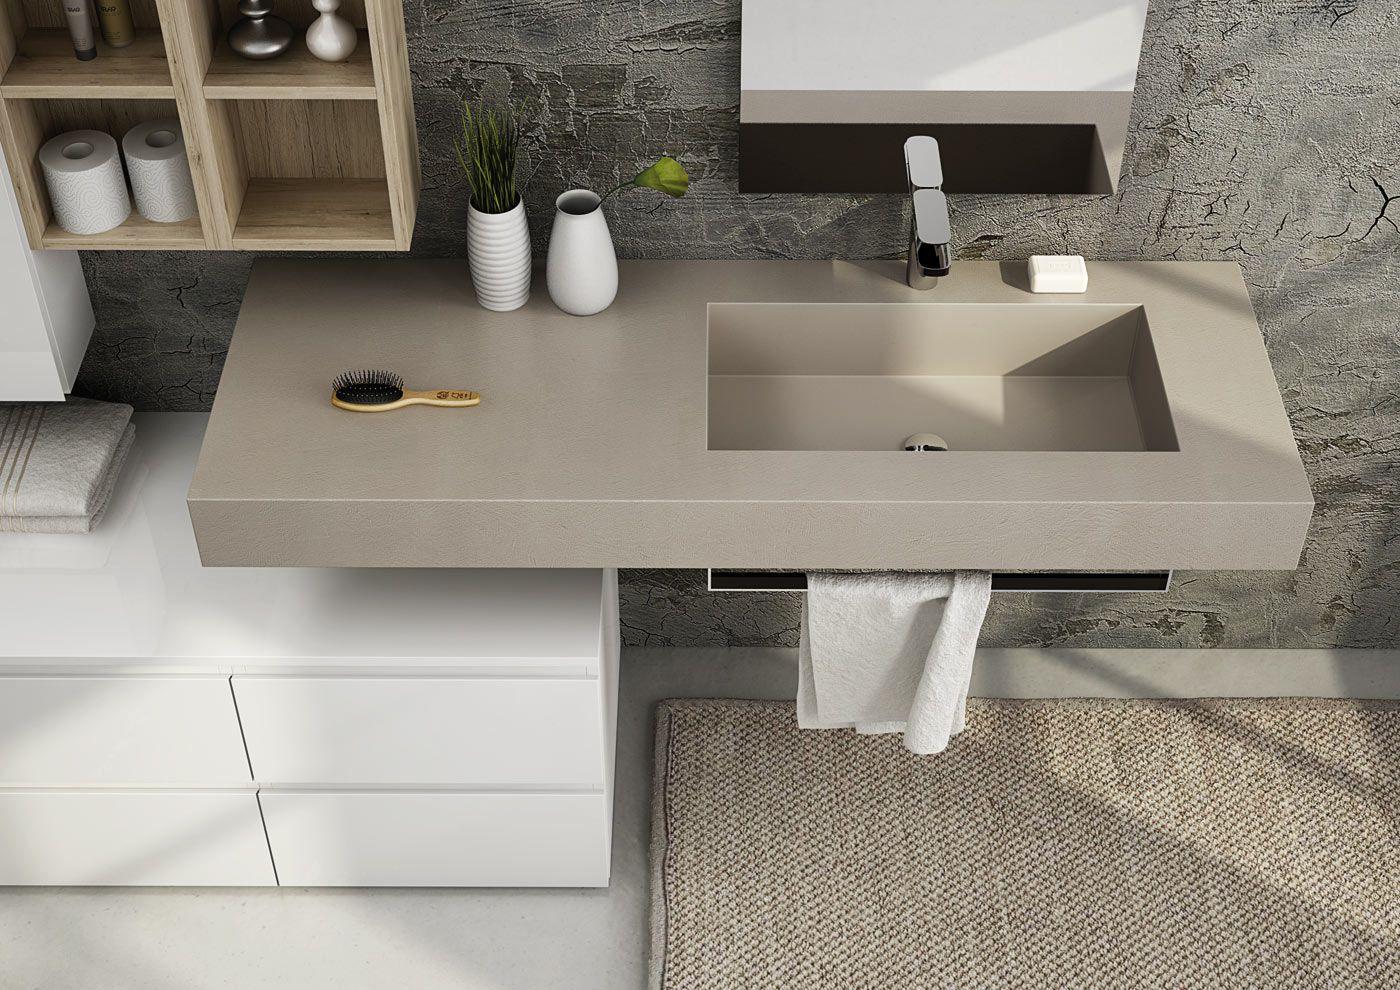 Mobile lavabo componibile singolo sospeso freedom 09 by - Resina per mobili ...